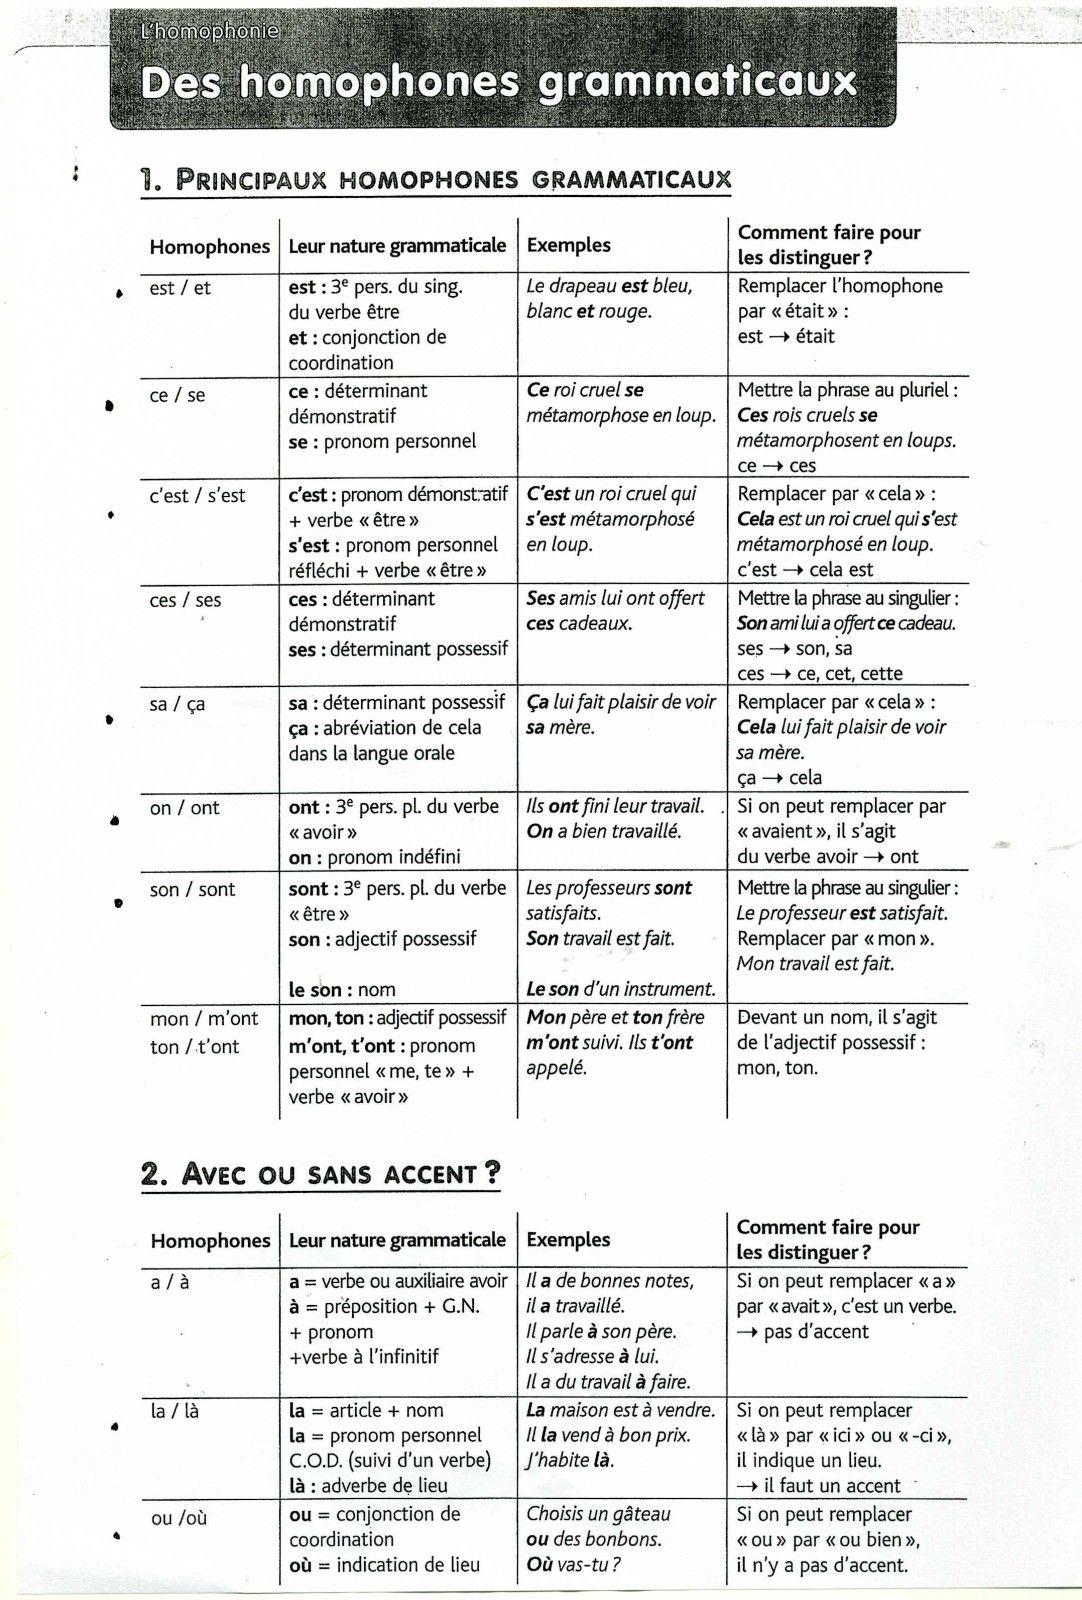 Distinguer Les Homophones Madame Piller Francais Latin Les Homophones Enseignement Du Francais Verbe Etre